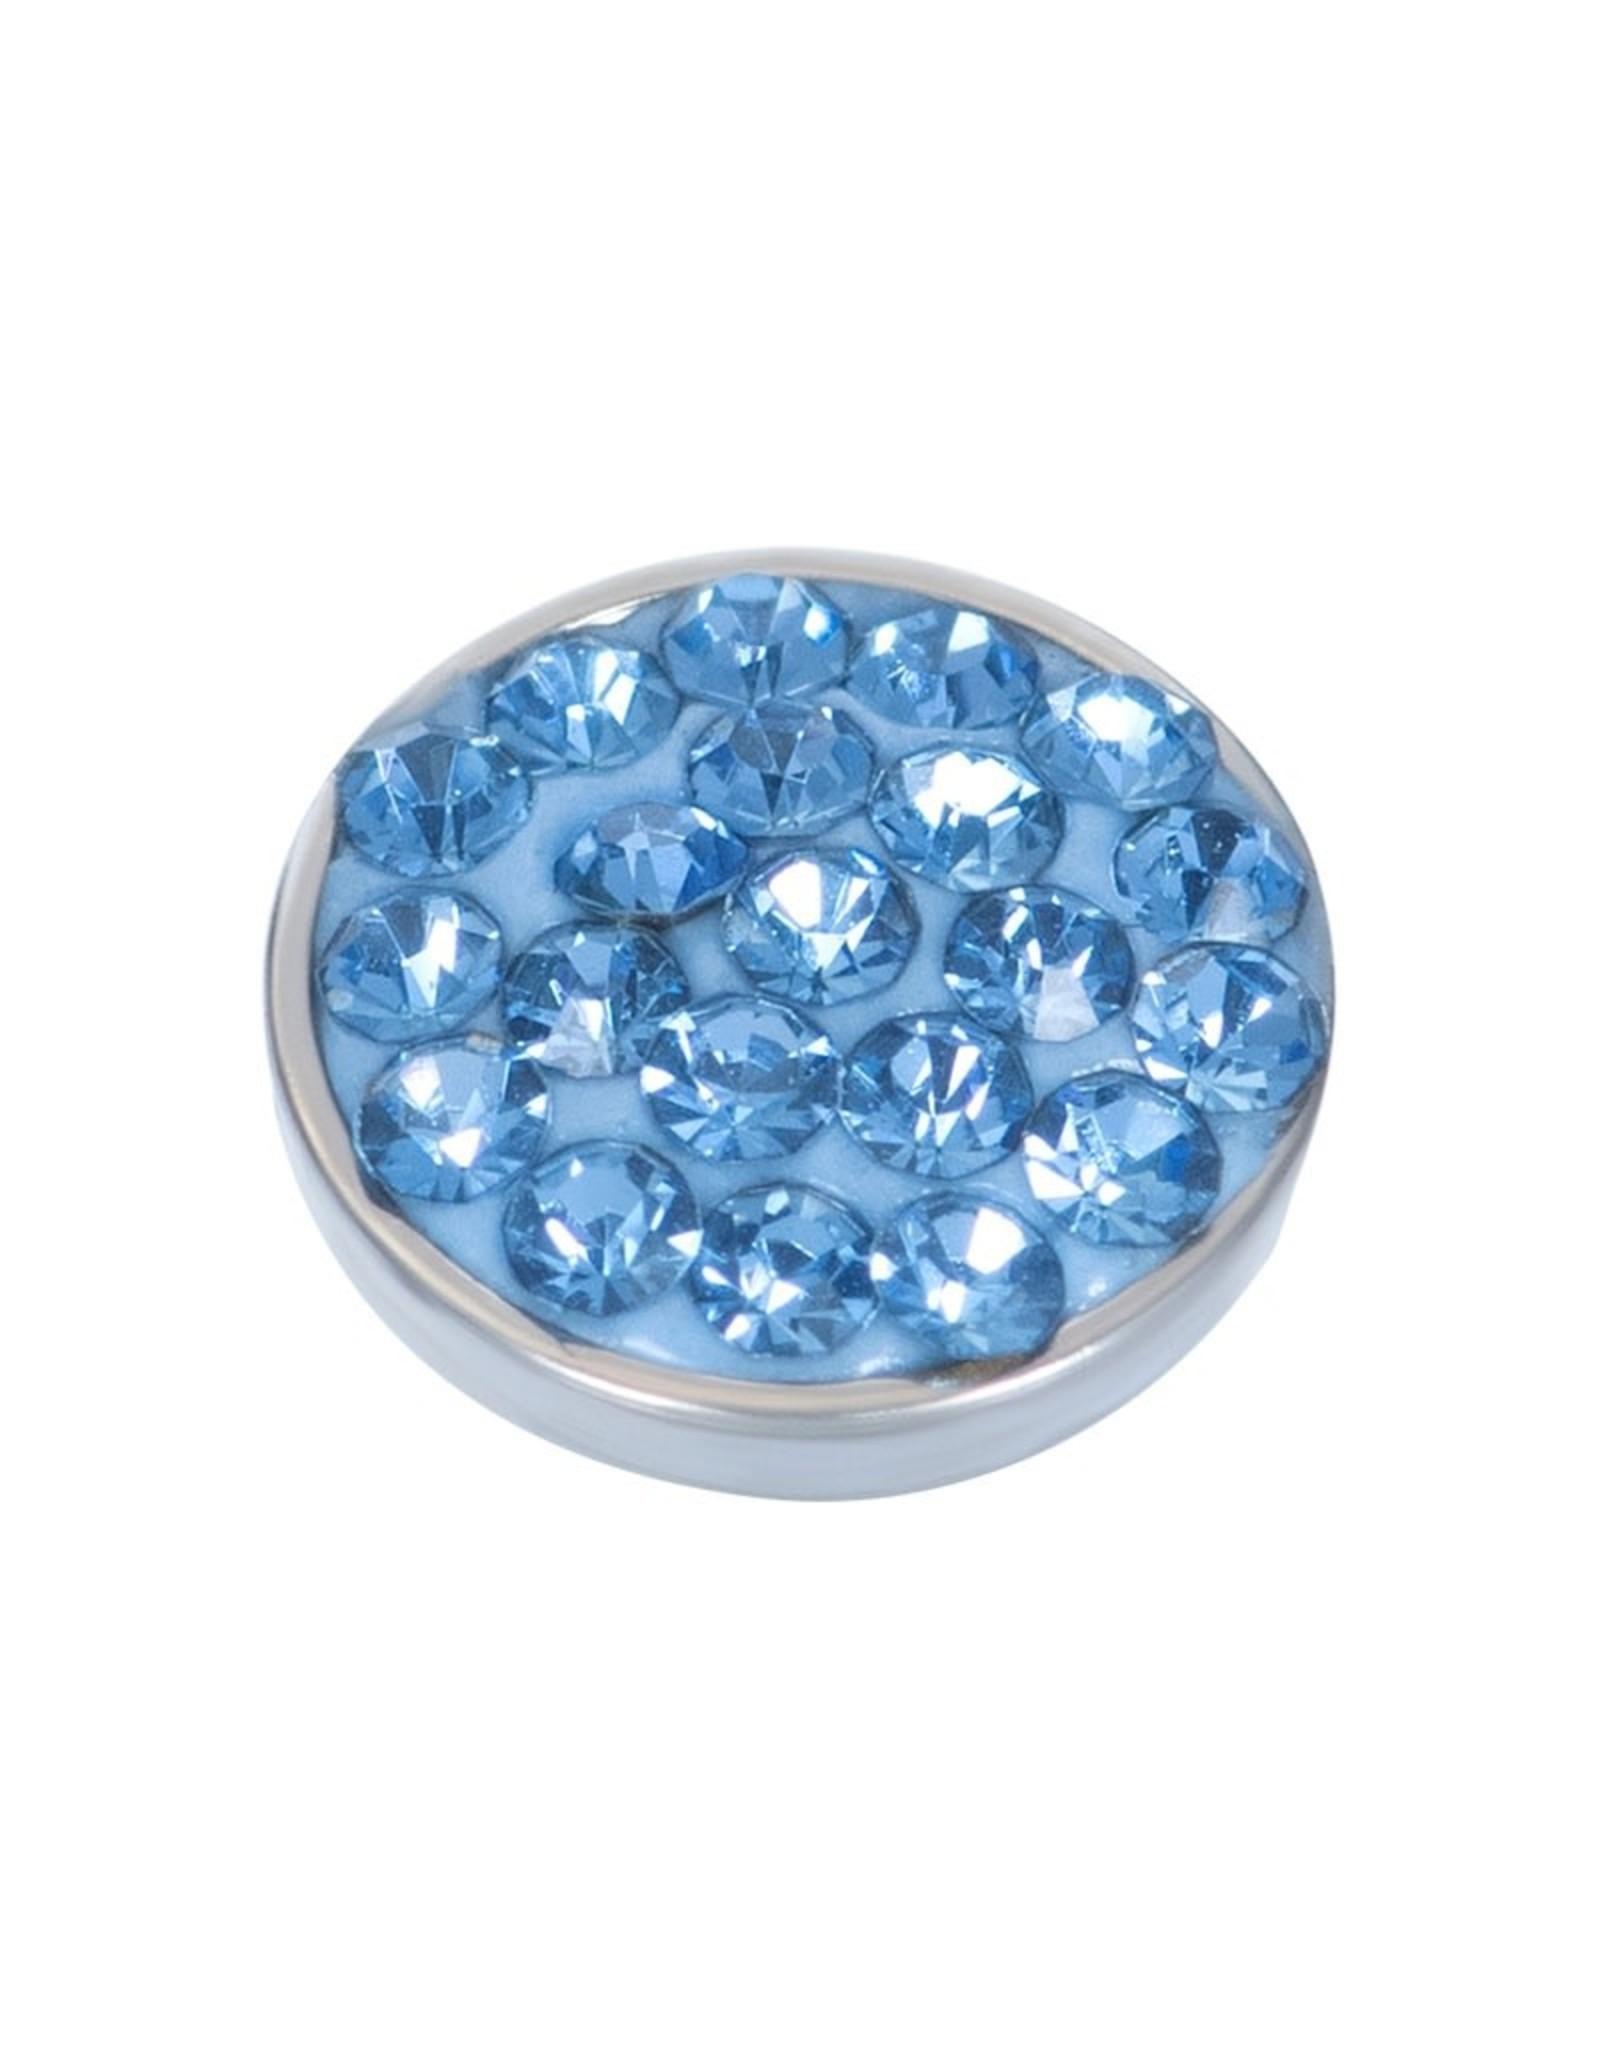 iXXXi Jewelry iXXXi top part light sapphire stone